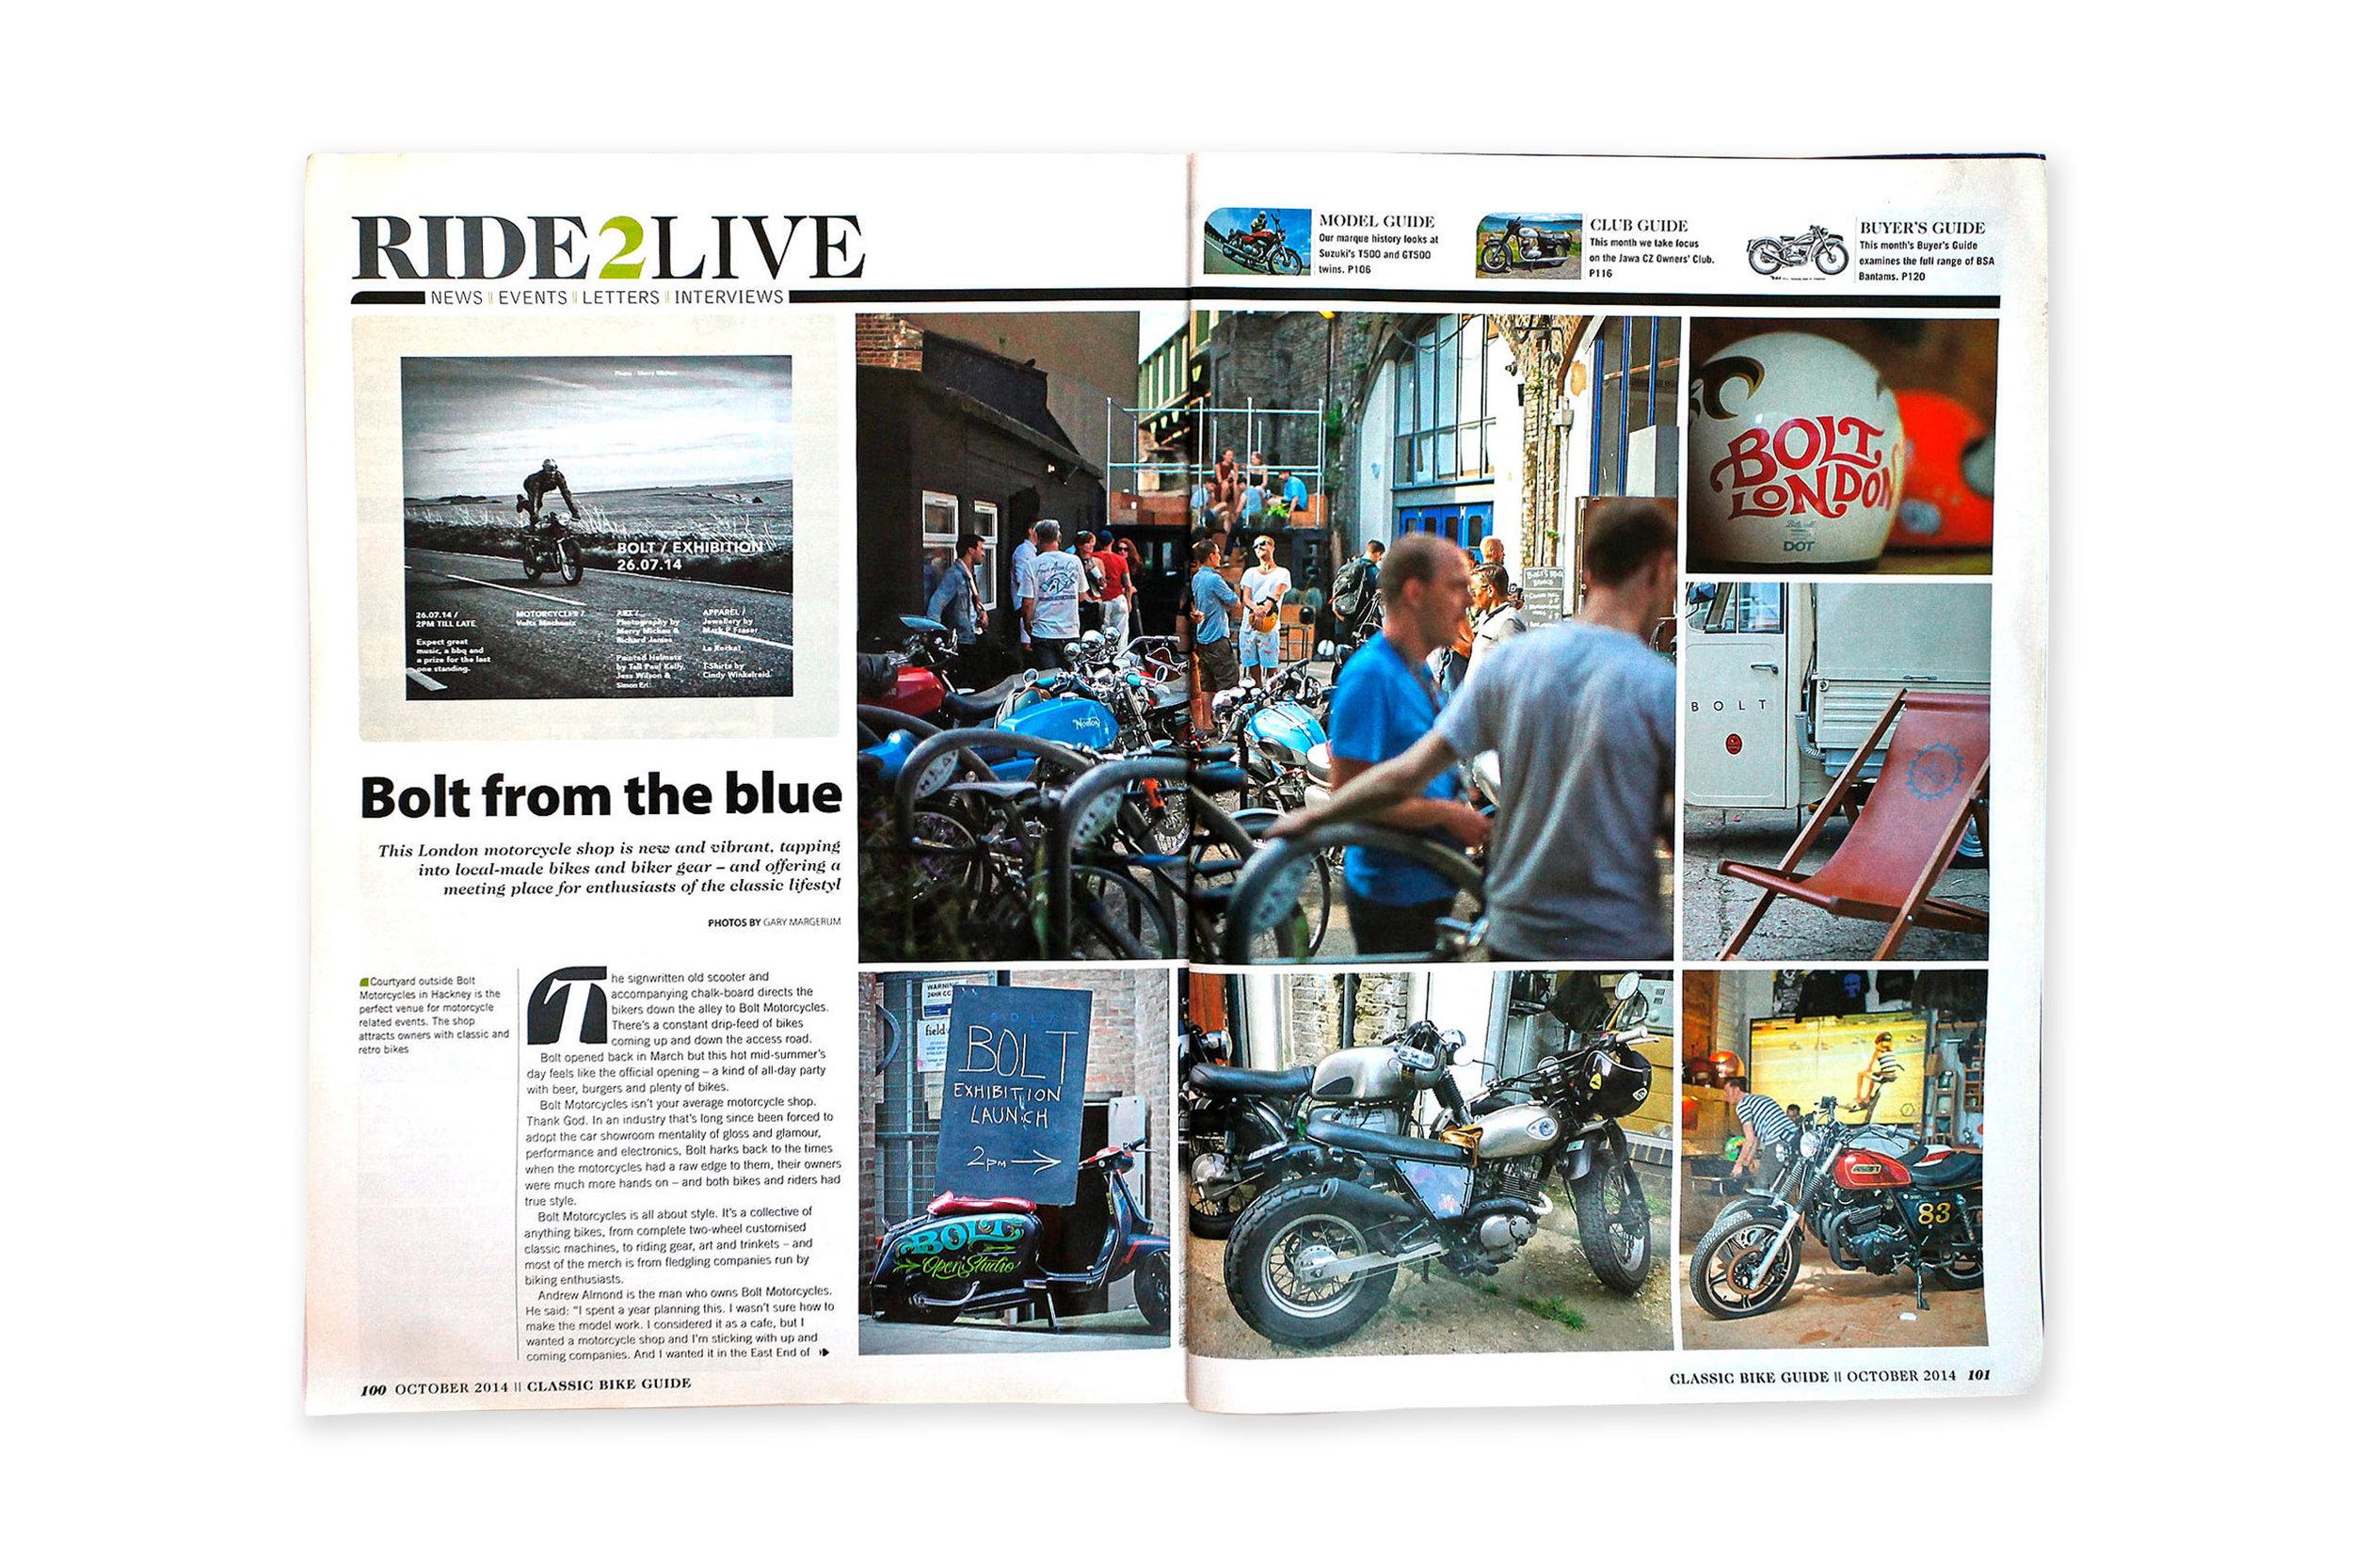 classic bike guide V282 1.0.jpg